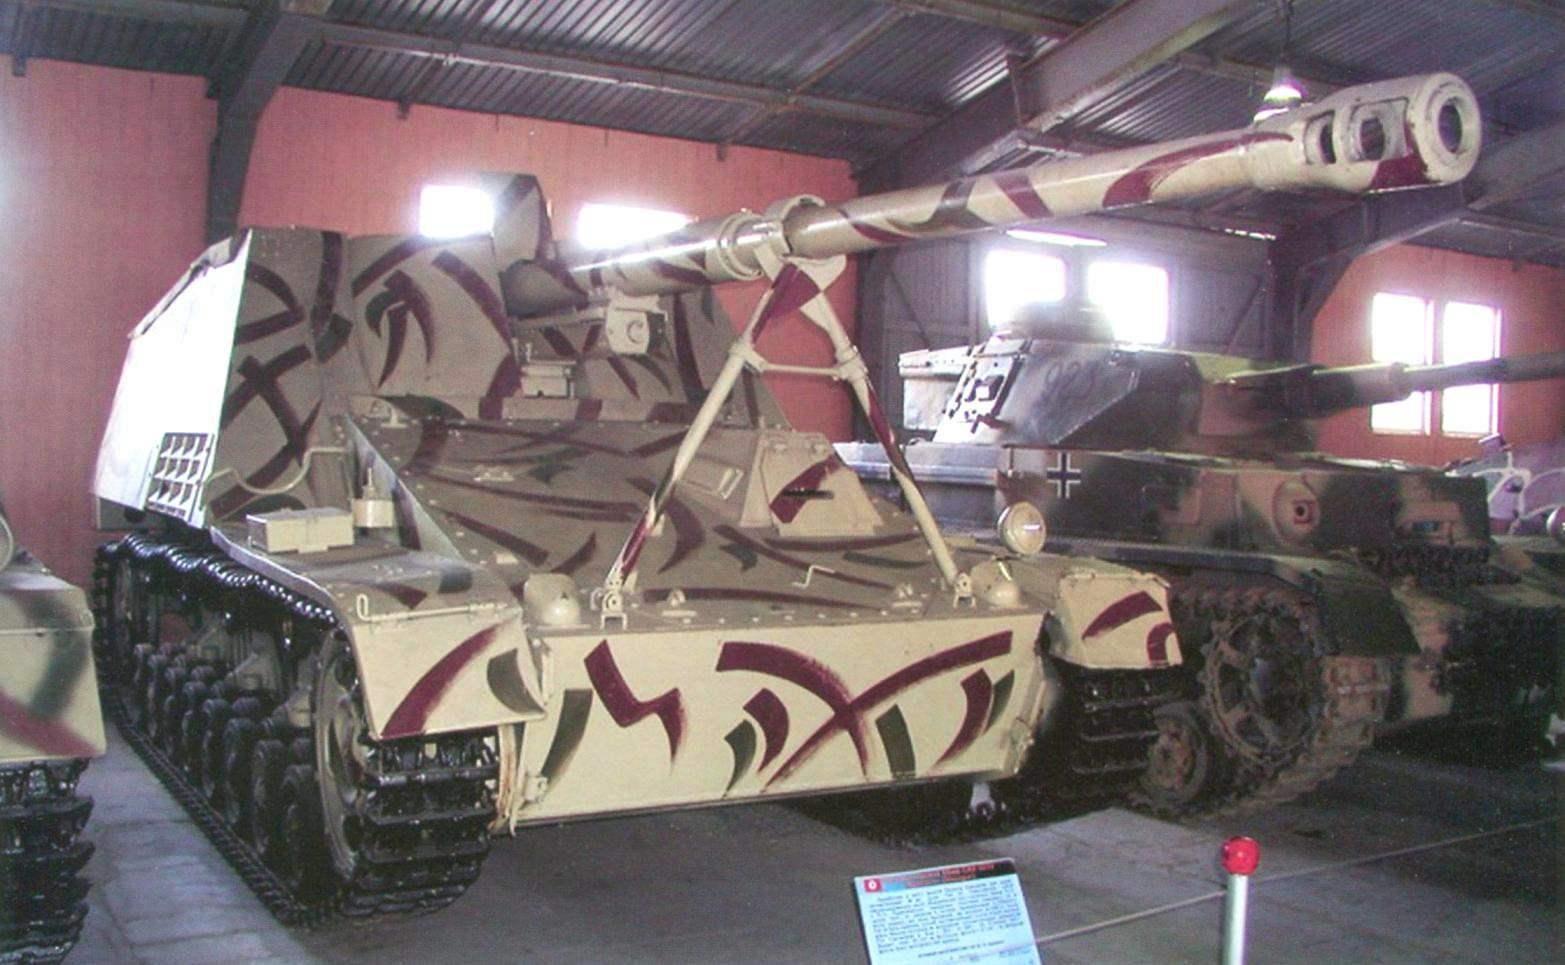 «Насхорн» в экспозиции Музея танкового вооружения в подмосковной Кубинке. Установки выпуска 1943 г. имели камуфляжную окраску из пятен оливково-зелёного и красно-коричневого цветов по песочно-жёлтому фону